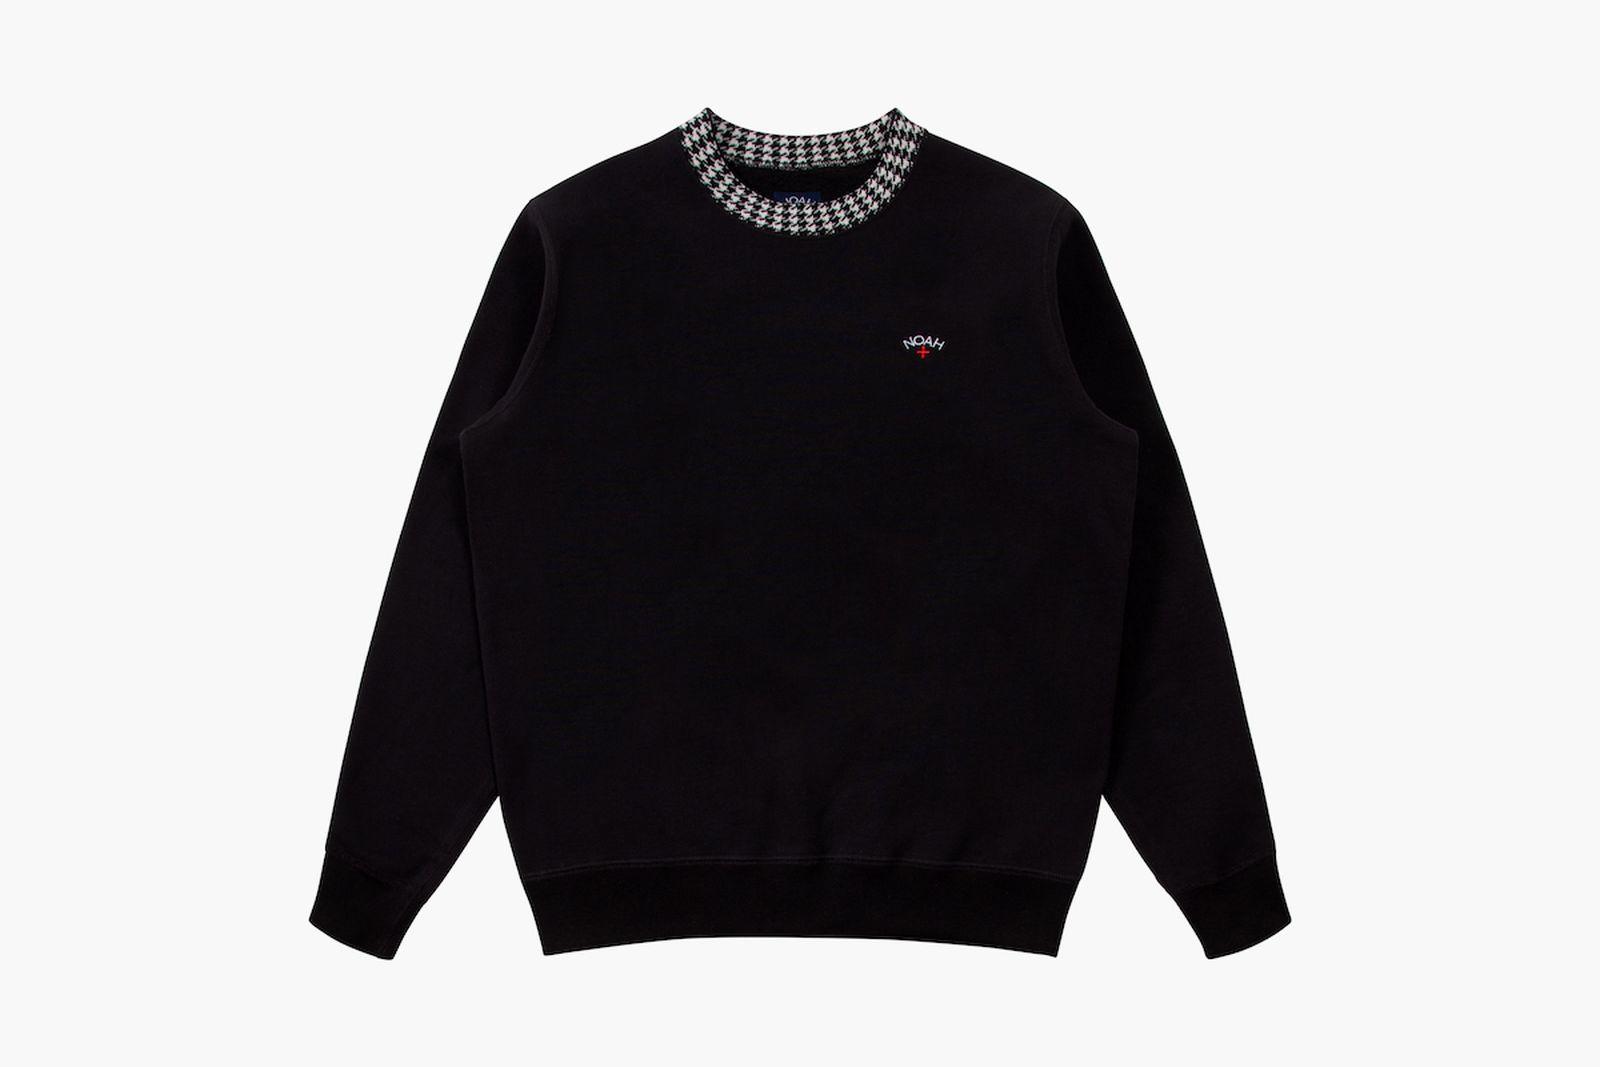 NOAH Crewneck Sweater FW19